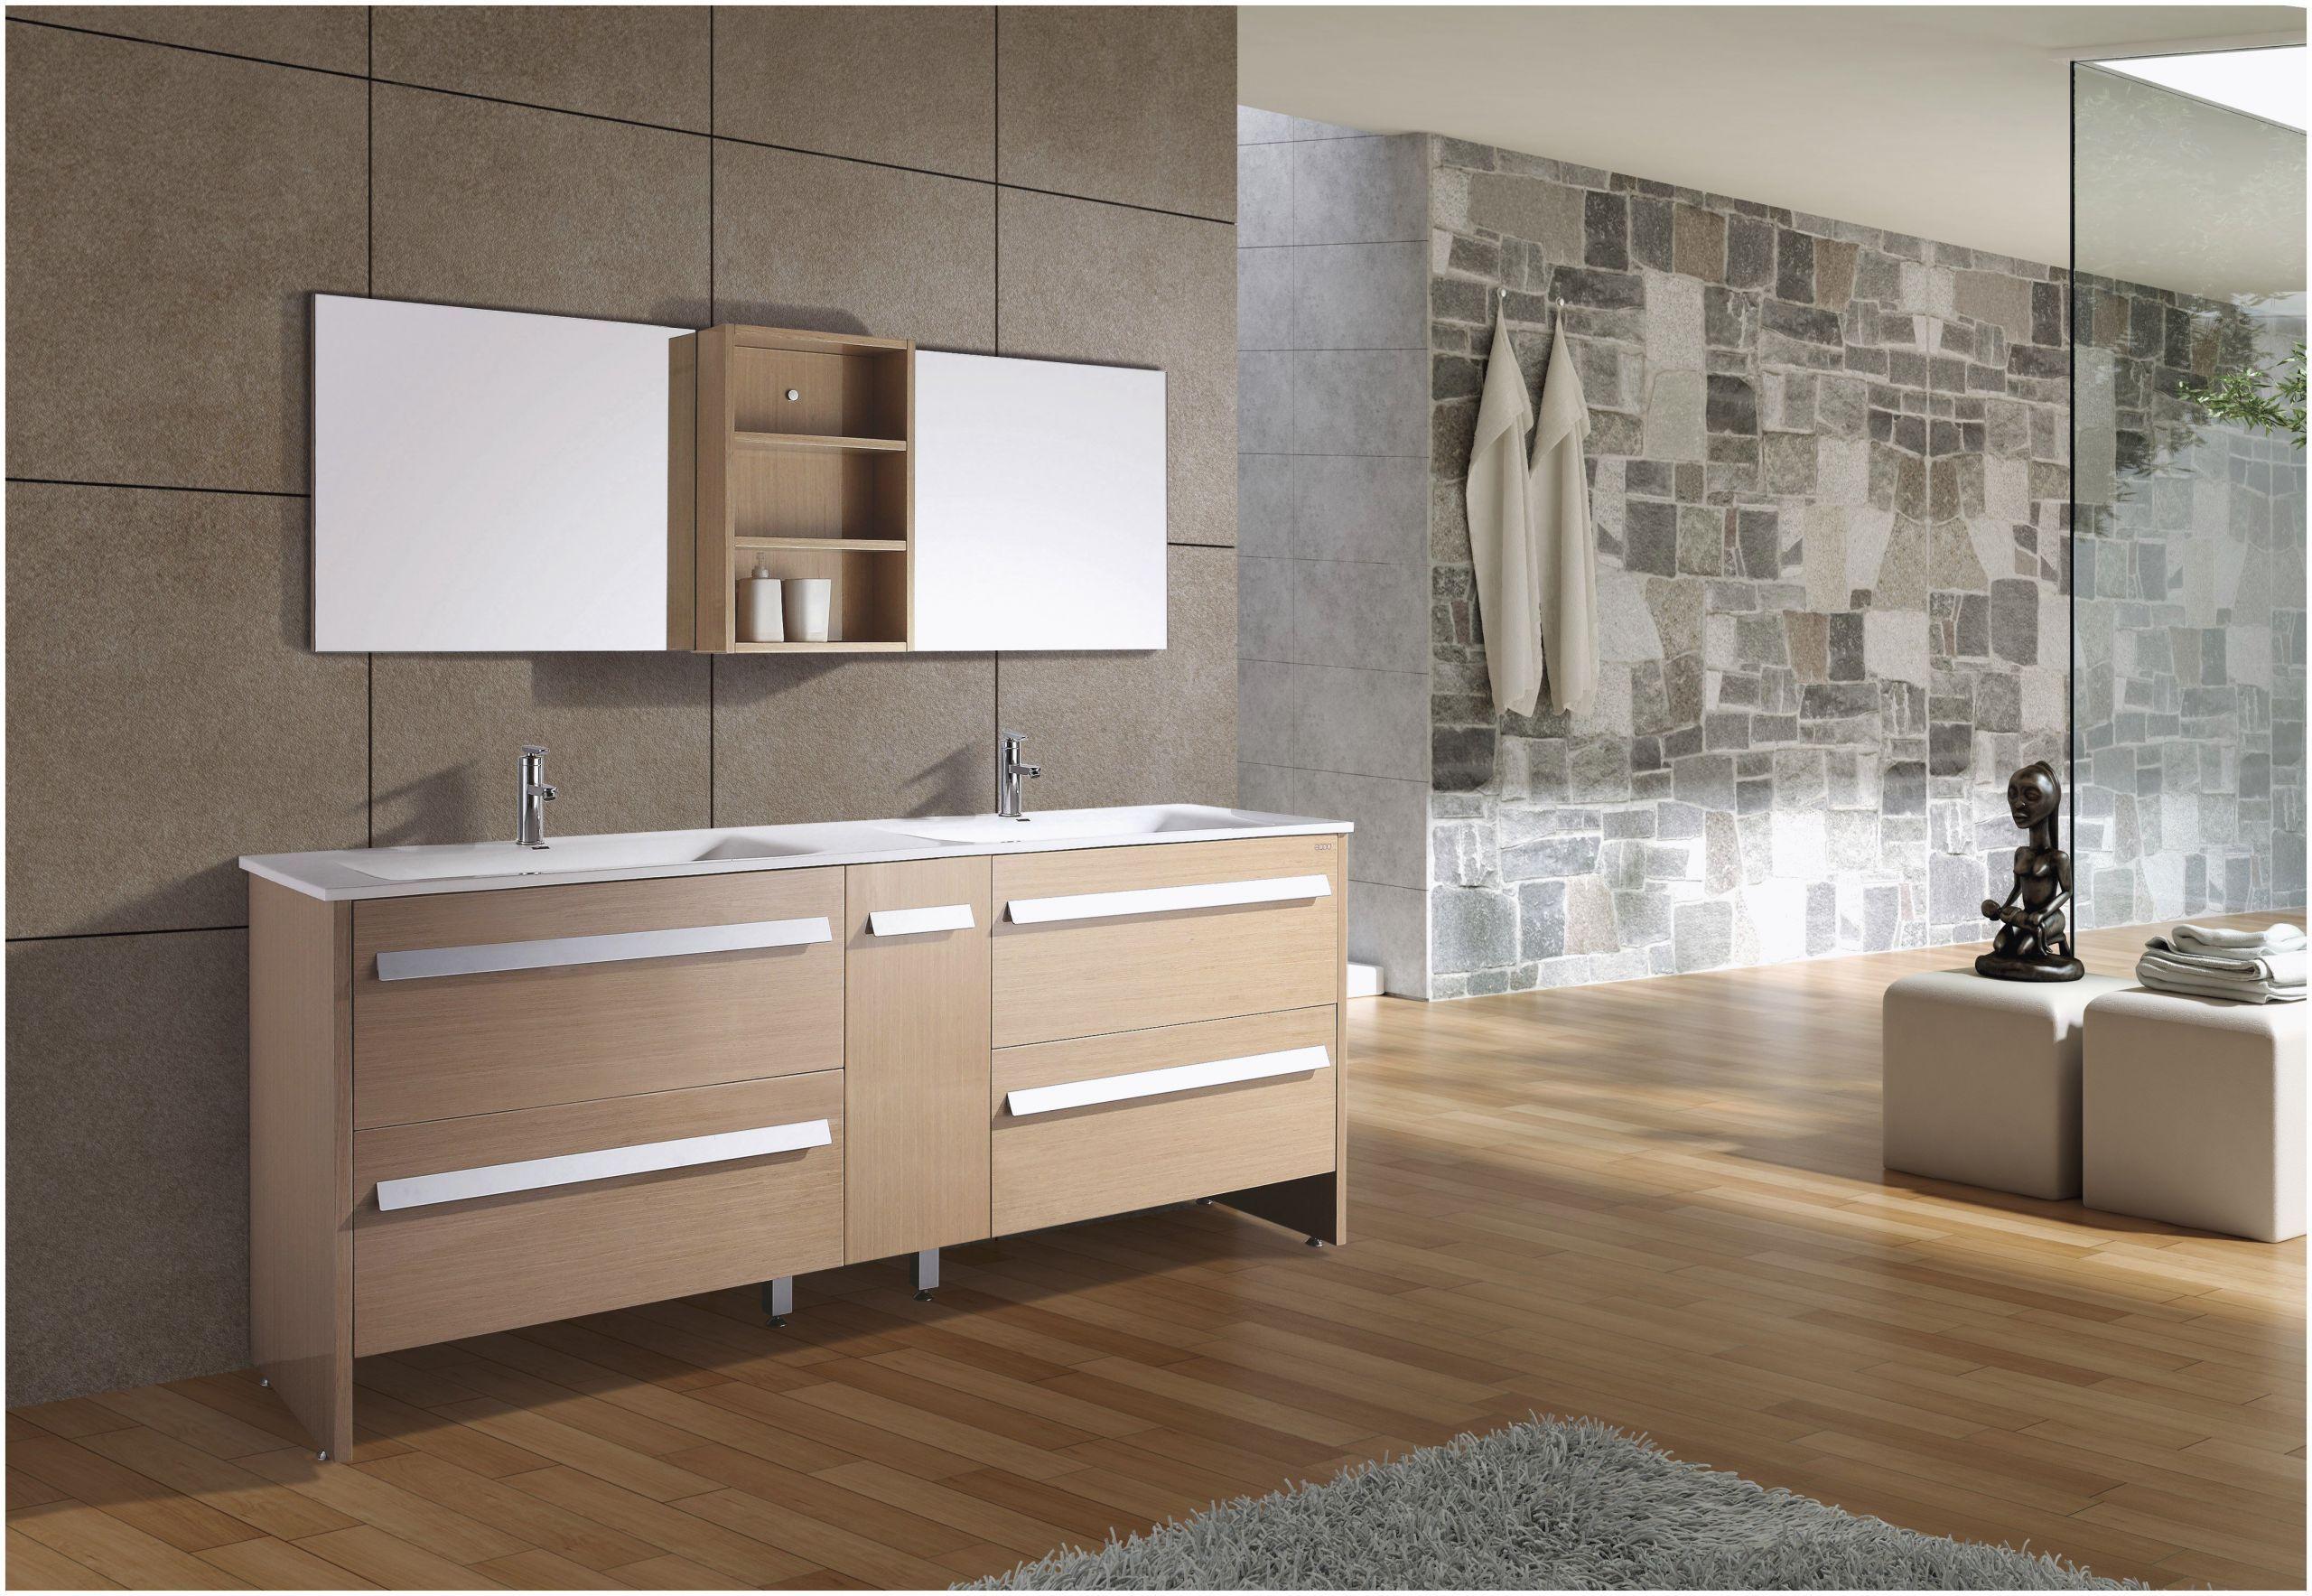 Lowes Clearance Bathroom Vanities In 2020 Bathroom Vanity Style